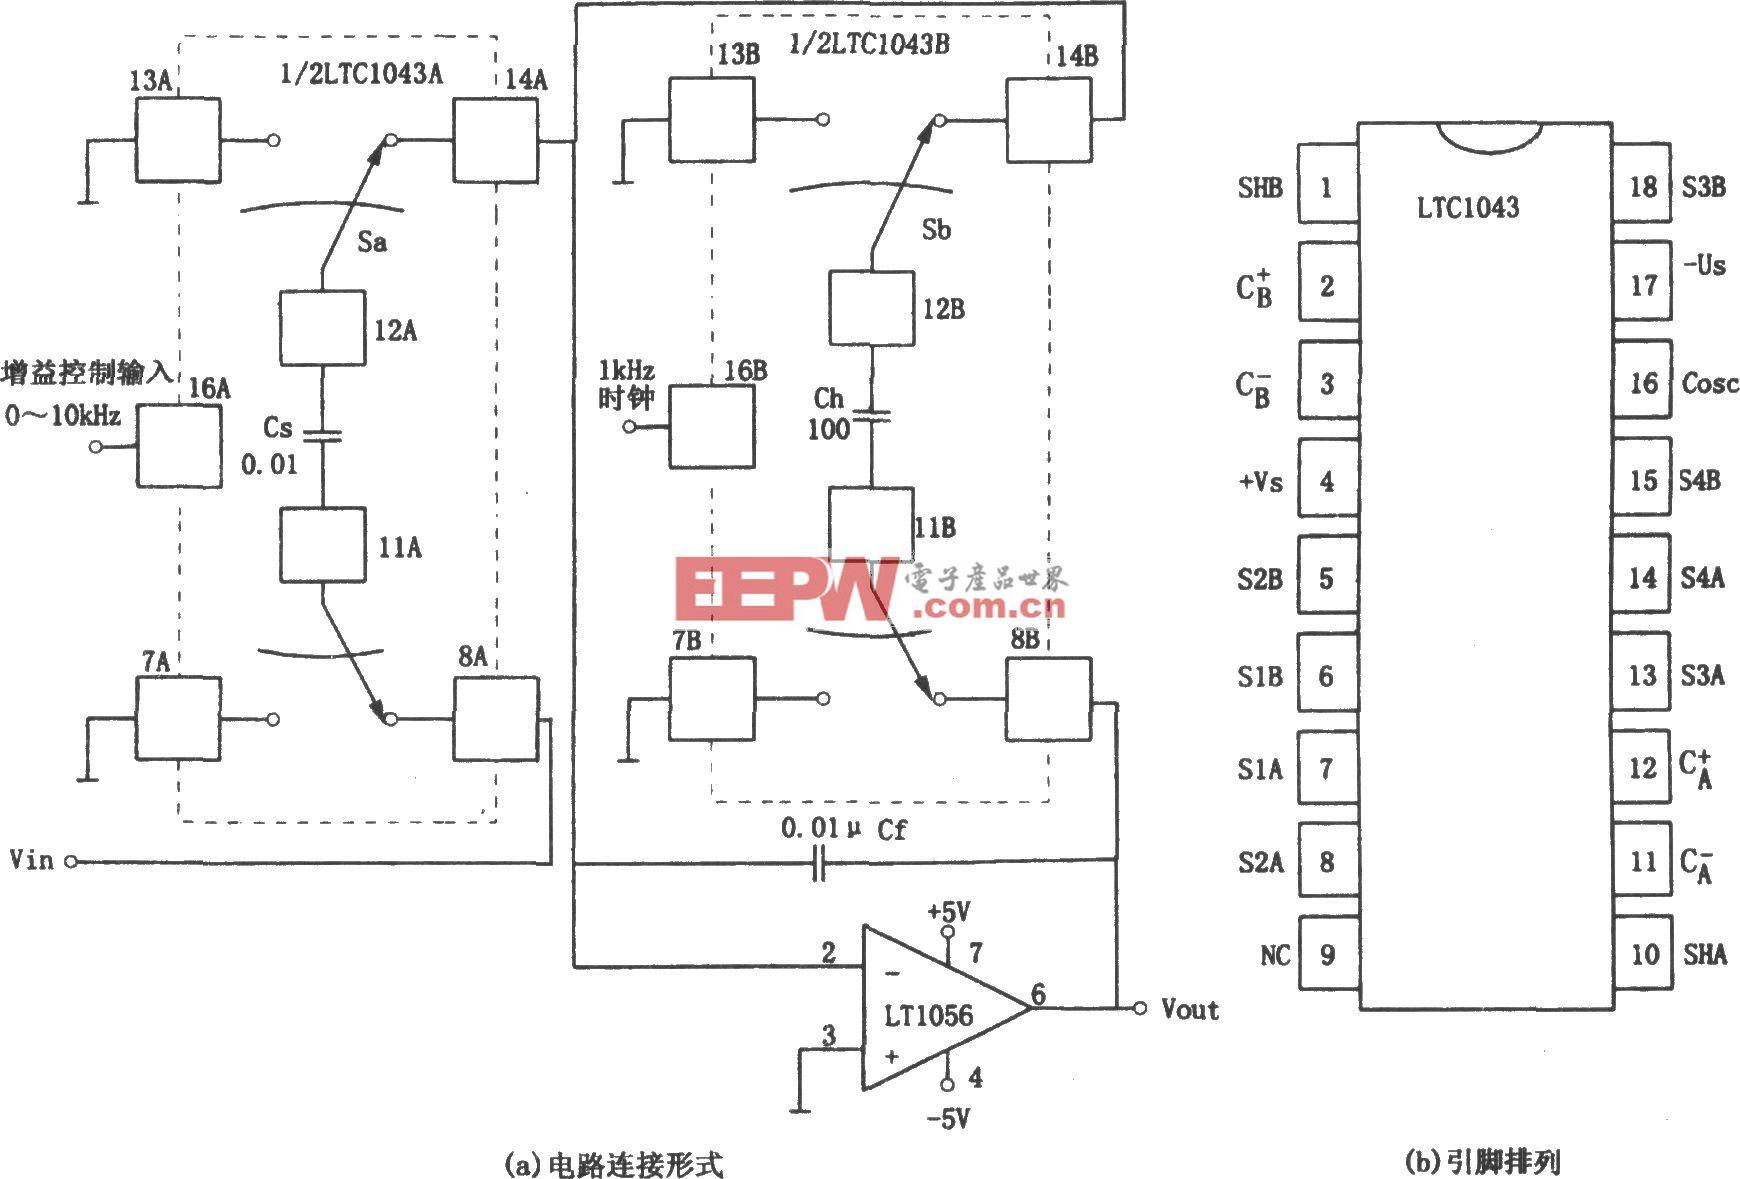 用頻率控制增益的放大器(LTC1043)